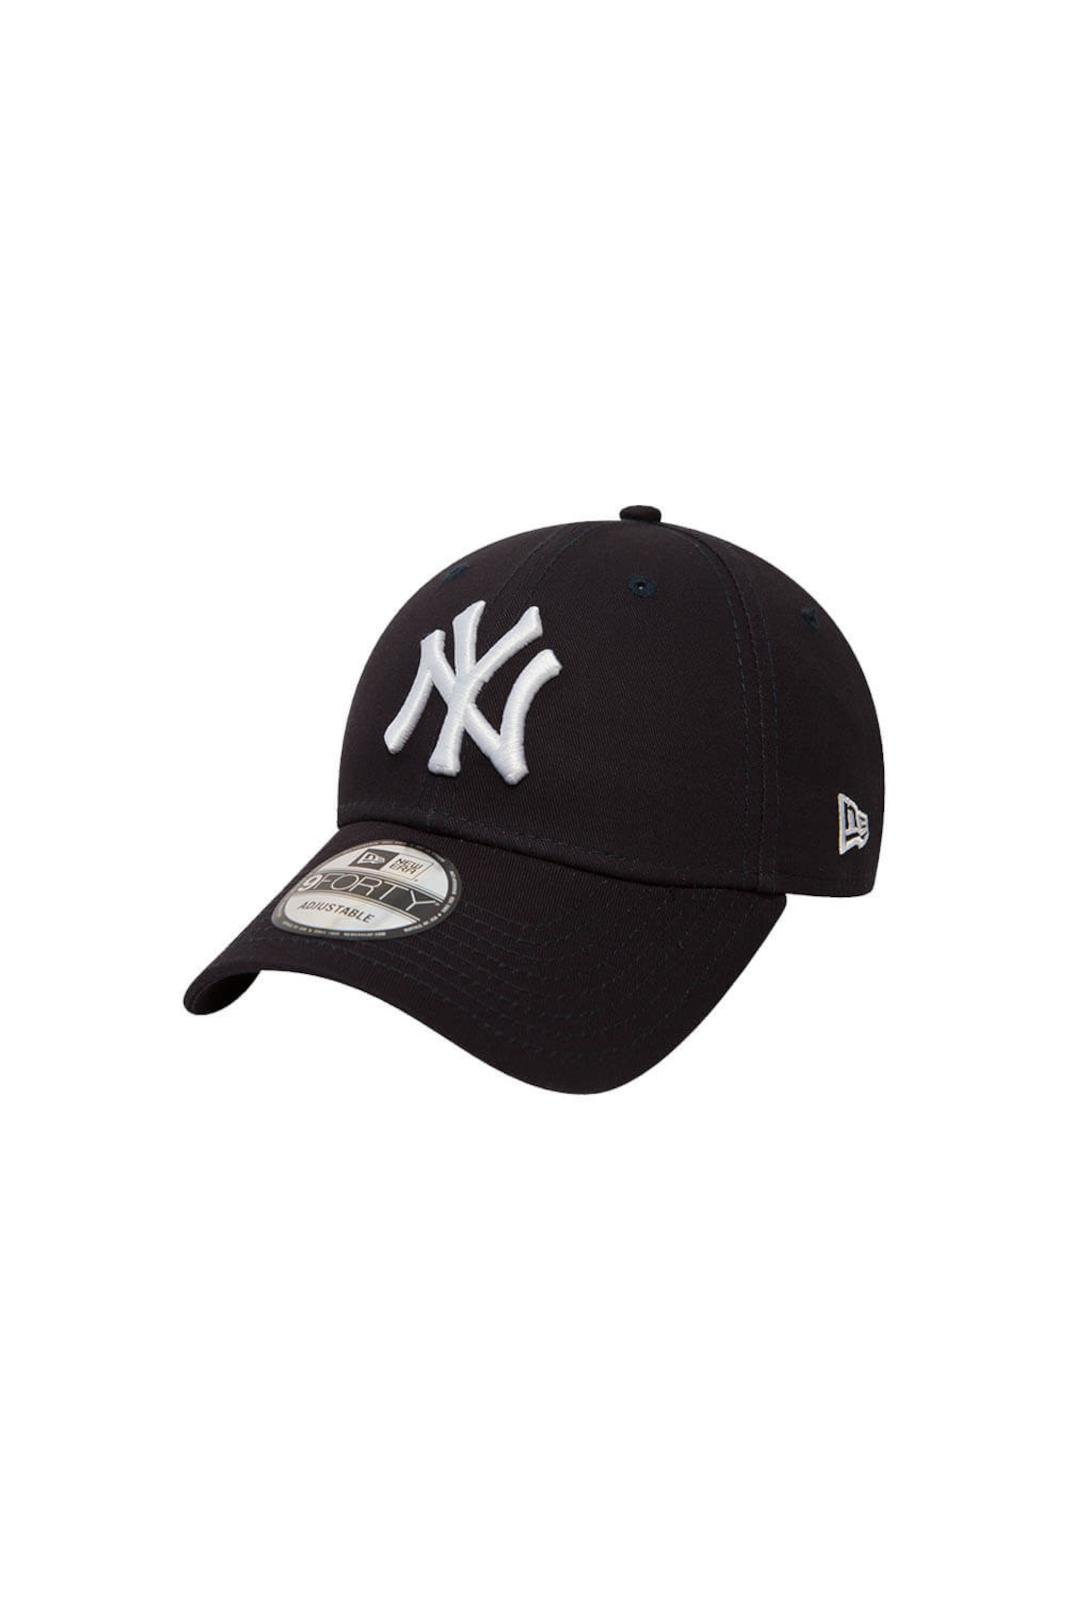 Semplice e casual, il cappello 90Forty di New Era, ti garantirà protezione e stile, grazie alla sua visiera curva, e al maxi logo dei New York Yankees. Per chi ama accessori sempre iconici.